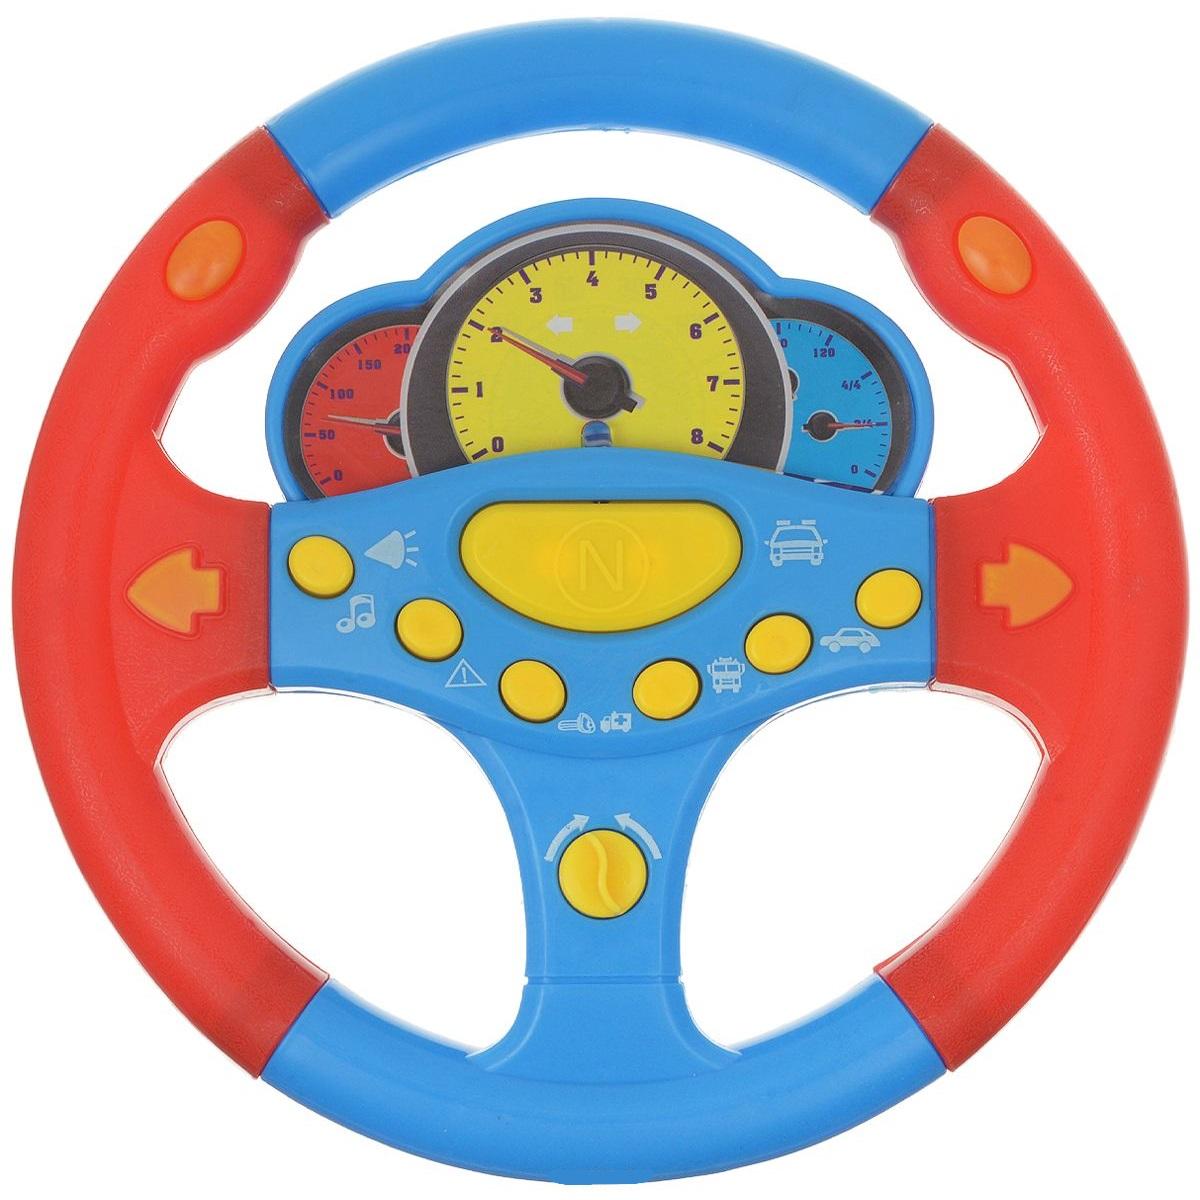 Руль для машины картинка